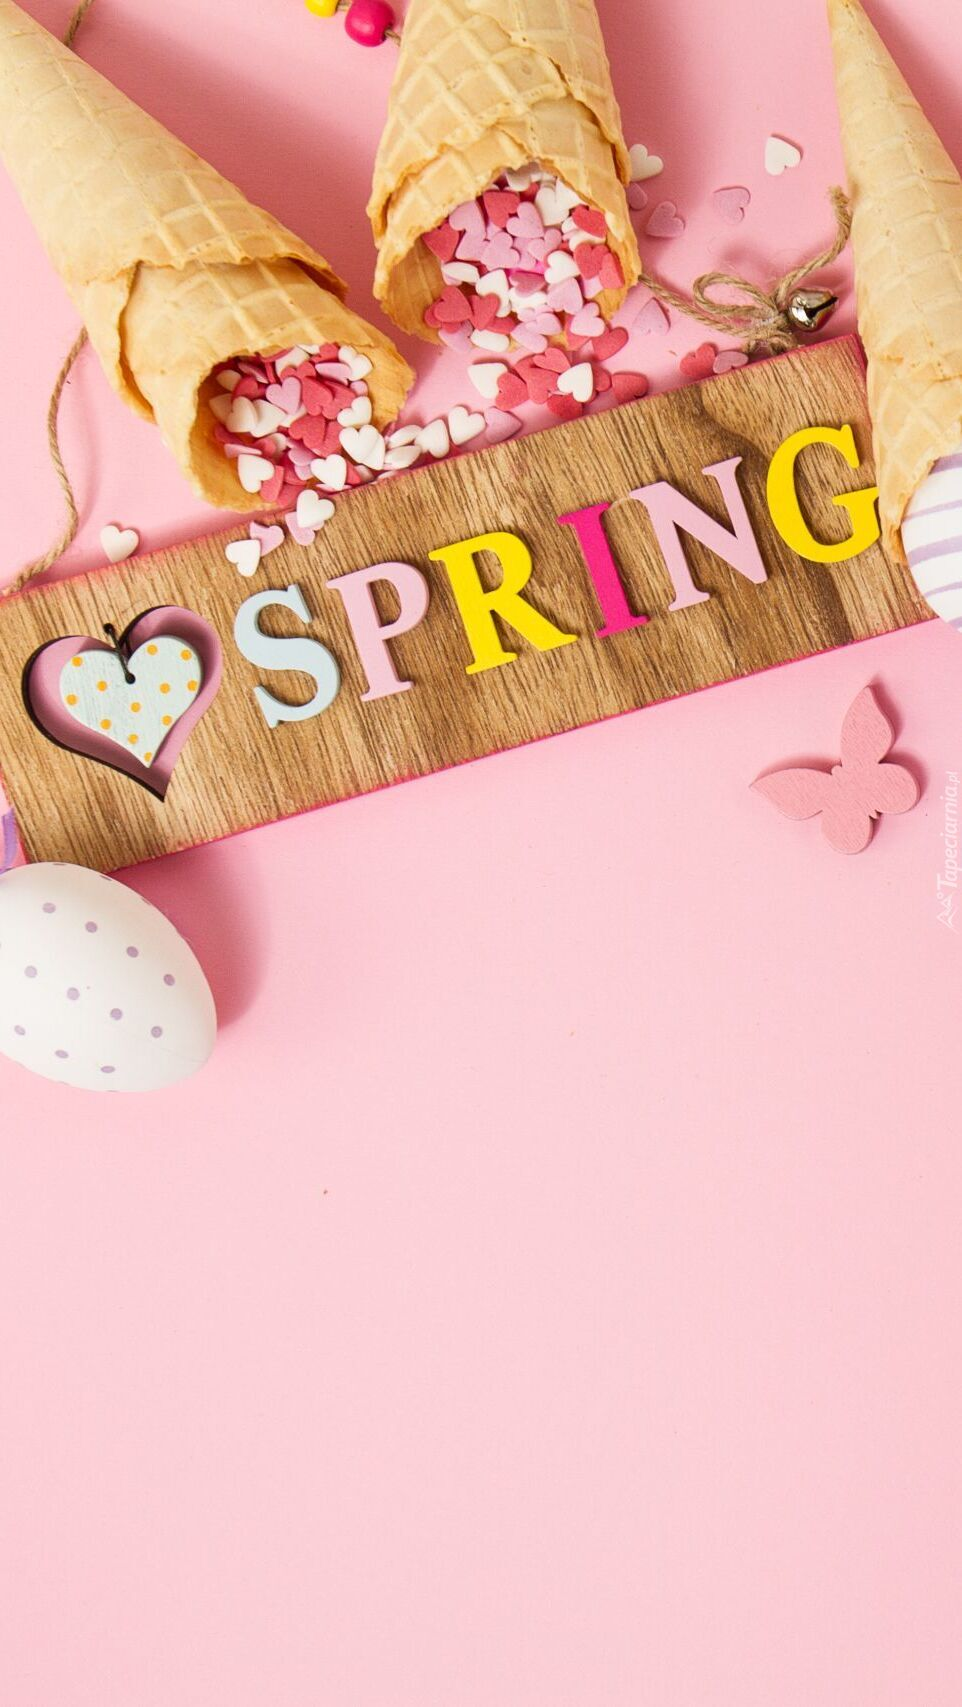 Napis Spring obok rożków z serduszkami